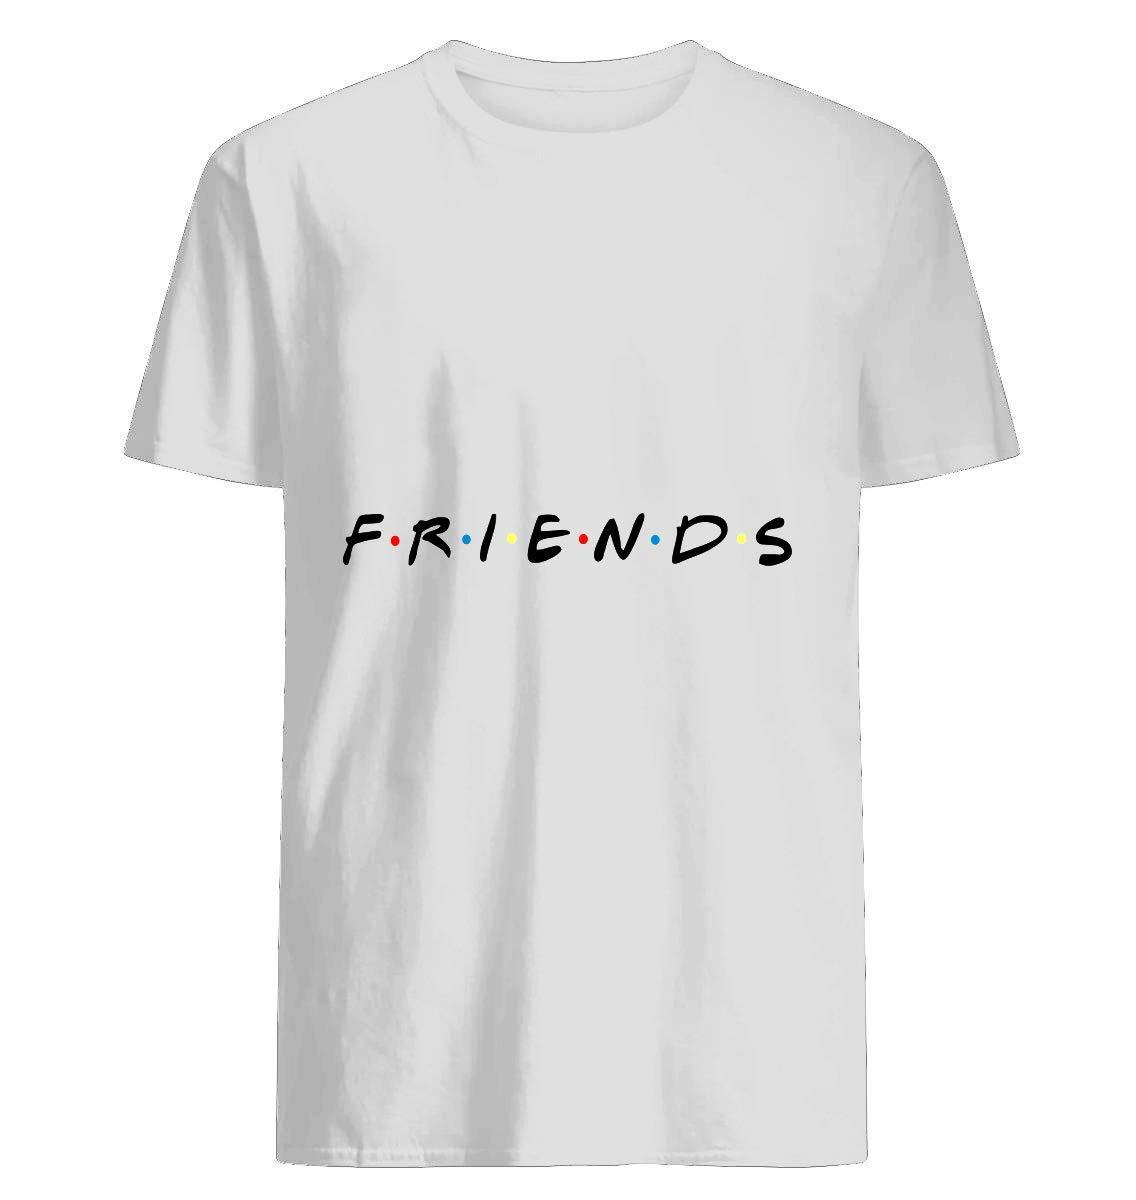 Friends T Shirt 30